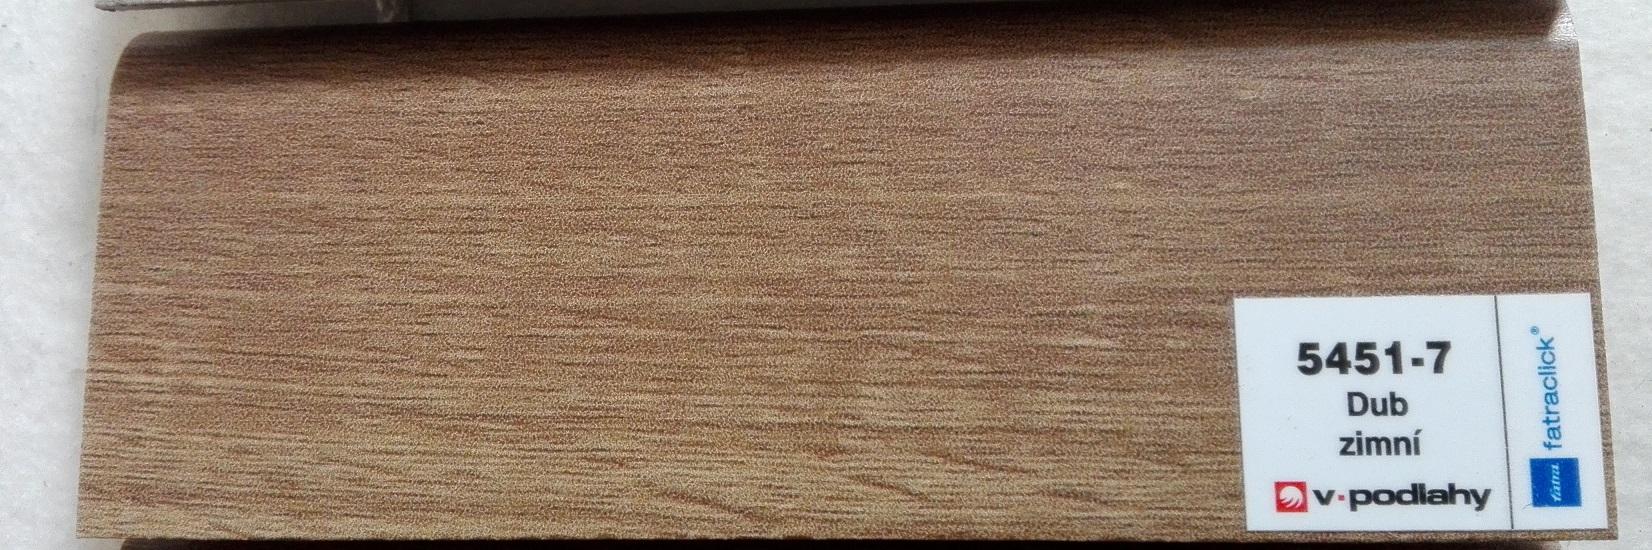 FatraClick soklová lišta Dub zimní 5451-7